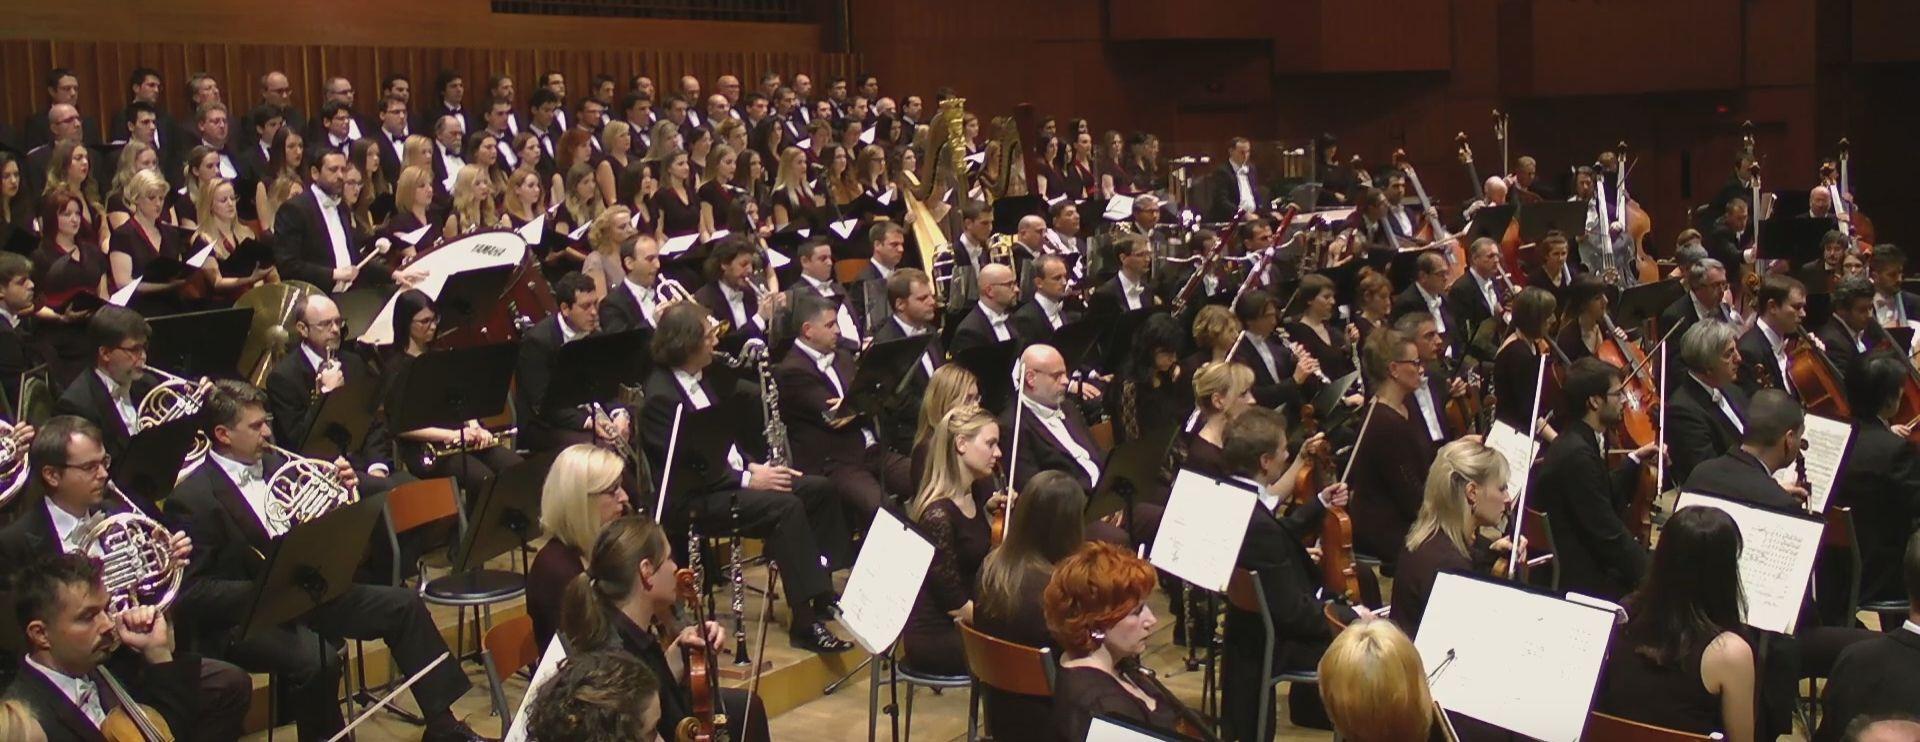 Zagrebačka filharmonija u petak svira Ravela i Mendelssohna